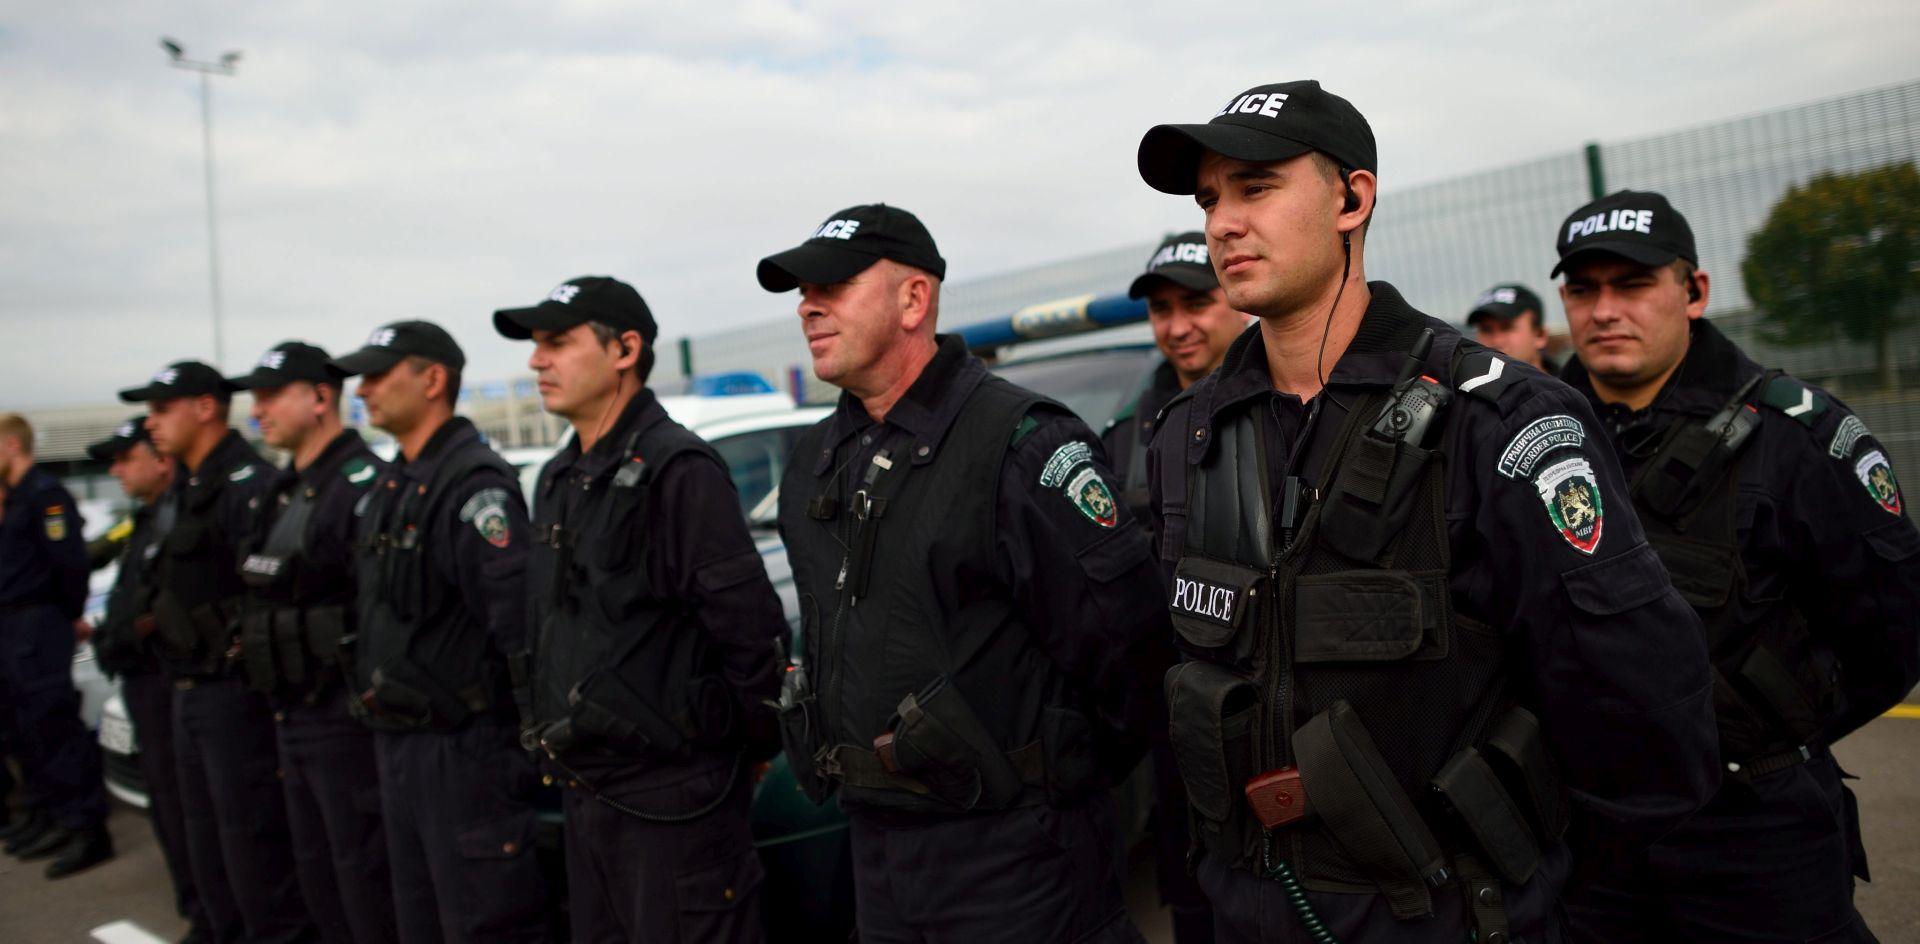 Srbija parafirala sporazum o angažiranju Frontex-a